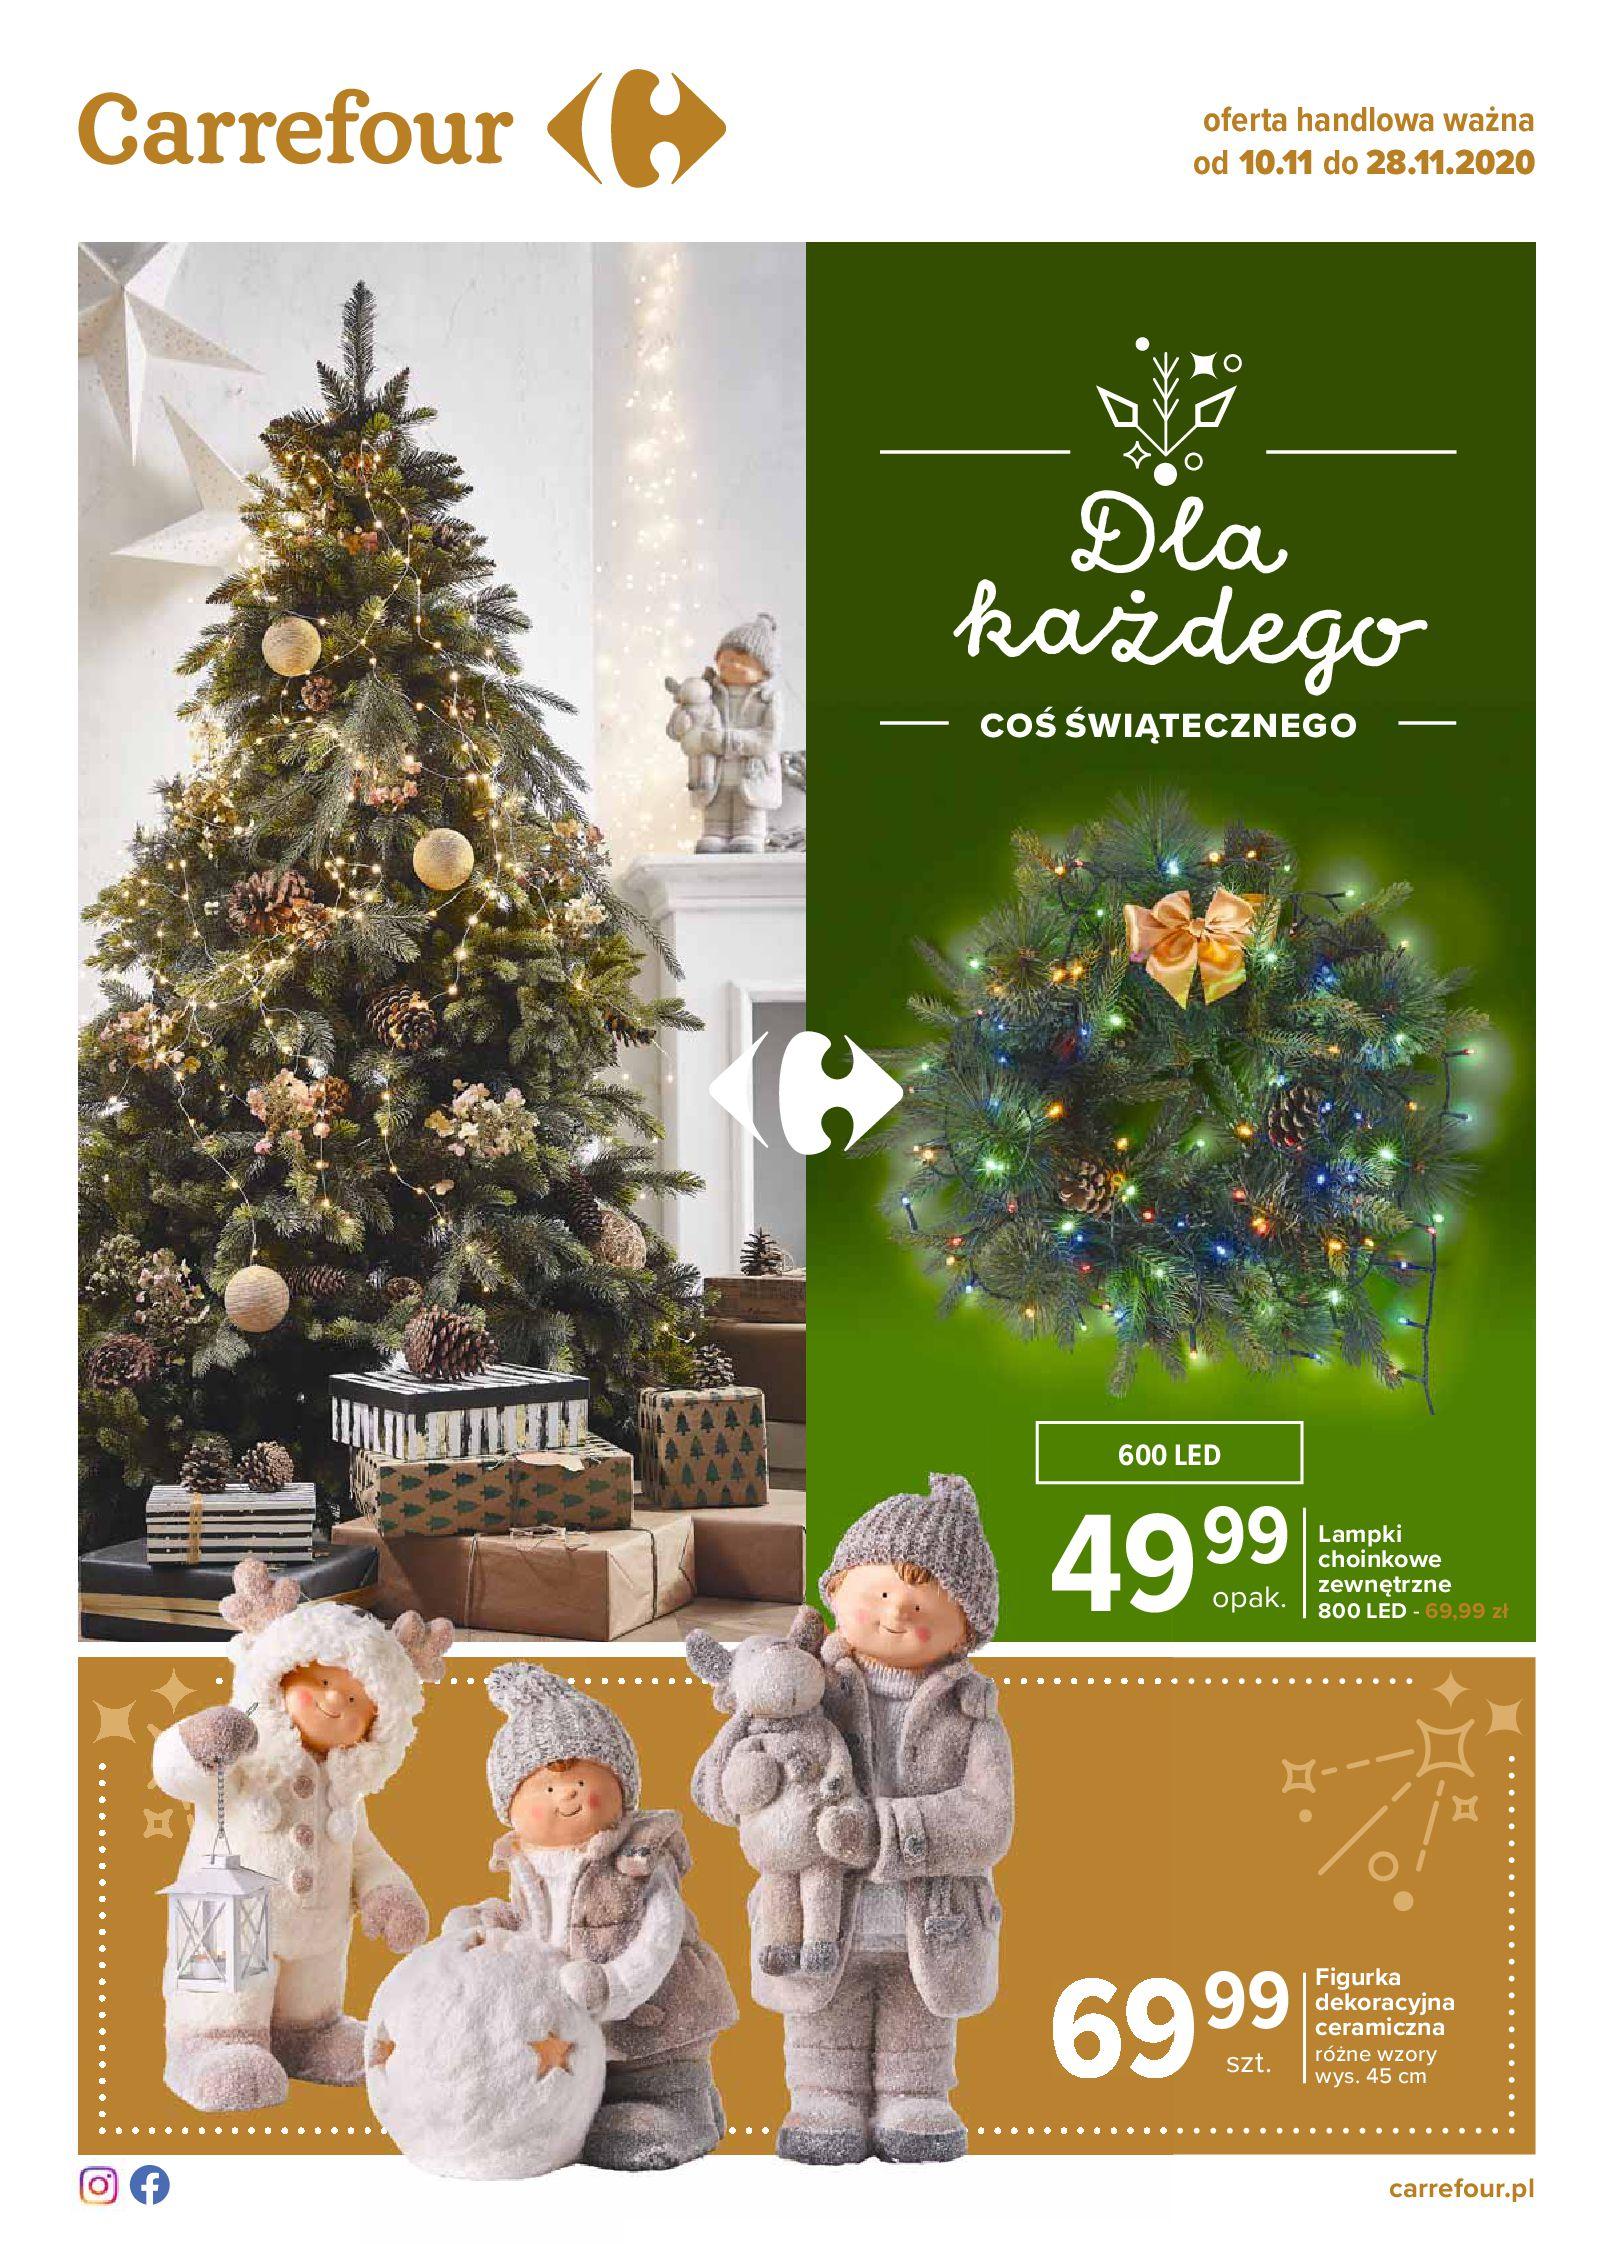 Carrefour:  Dla każdego coś świątecznego 09.11.2020